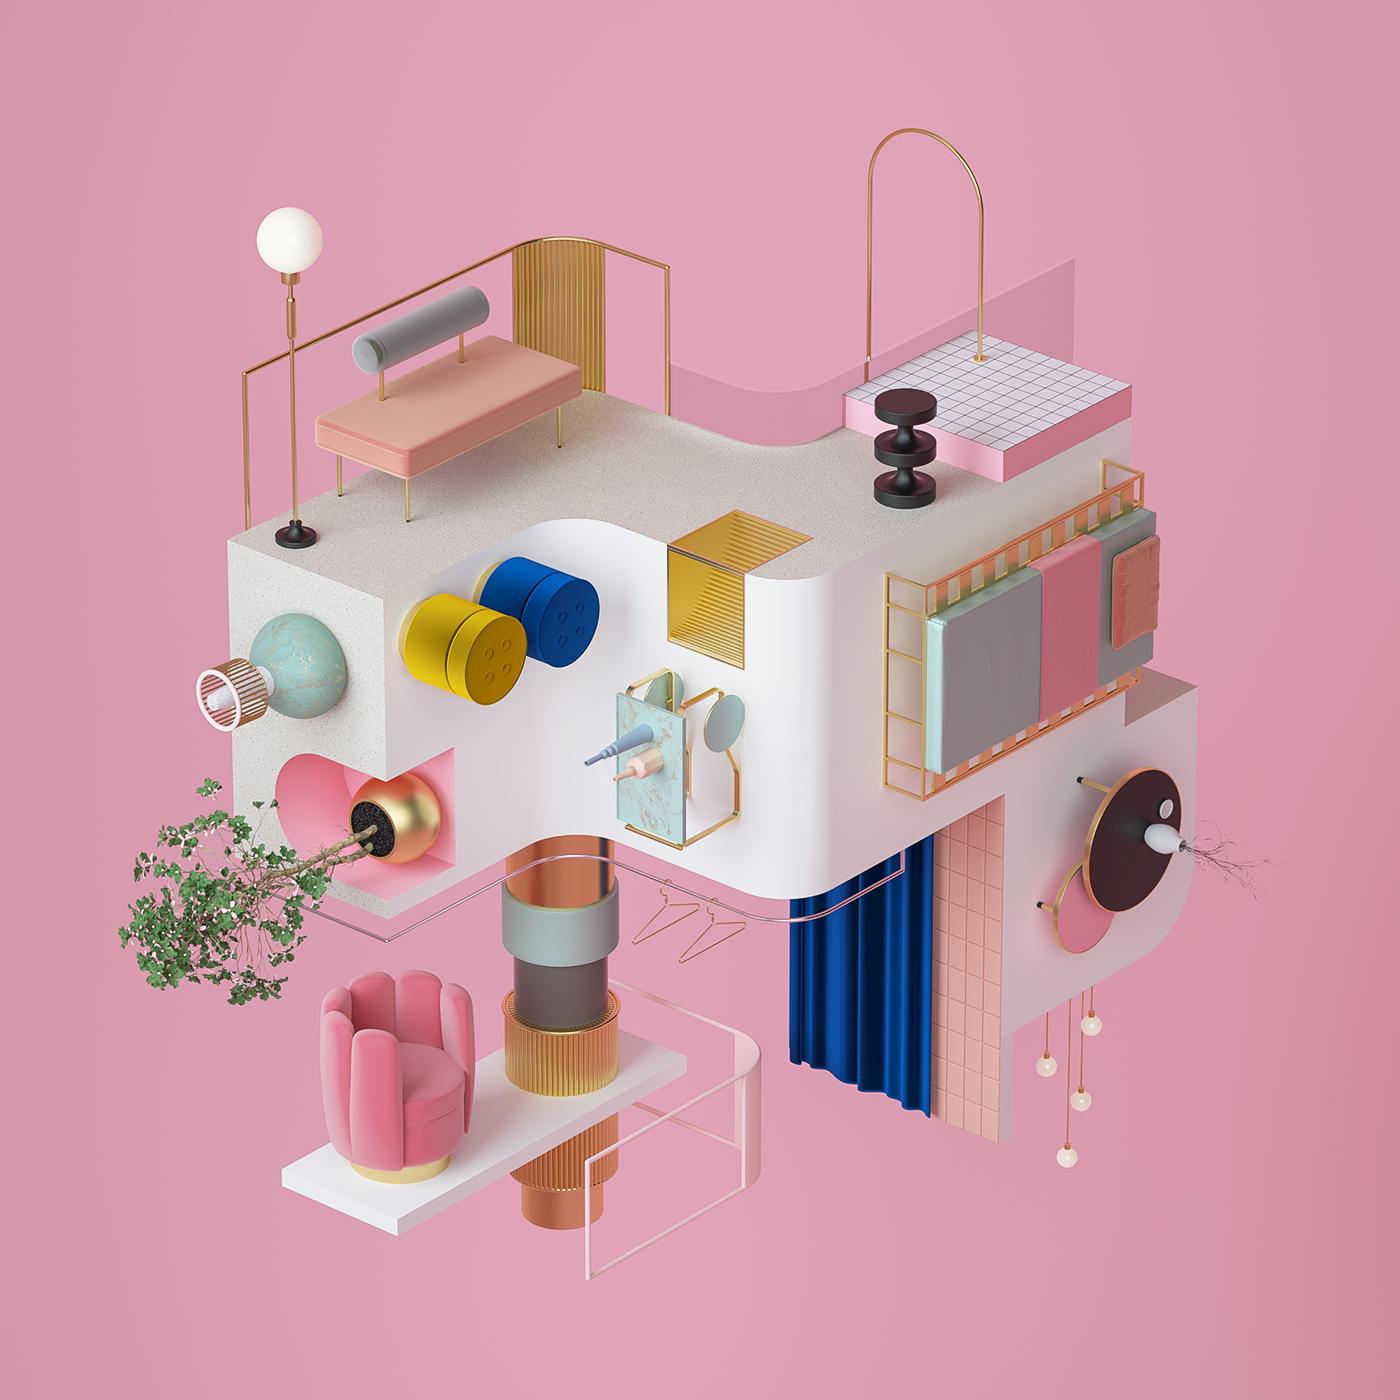 Тренды дизайна в 2018: прогноз и реальность - 4